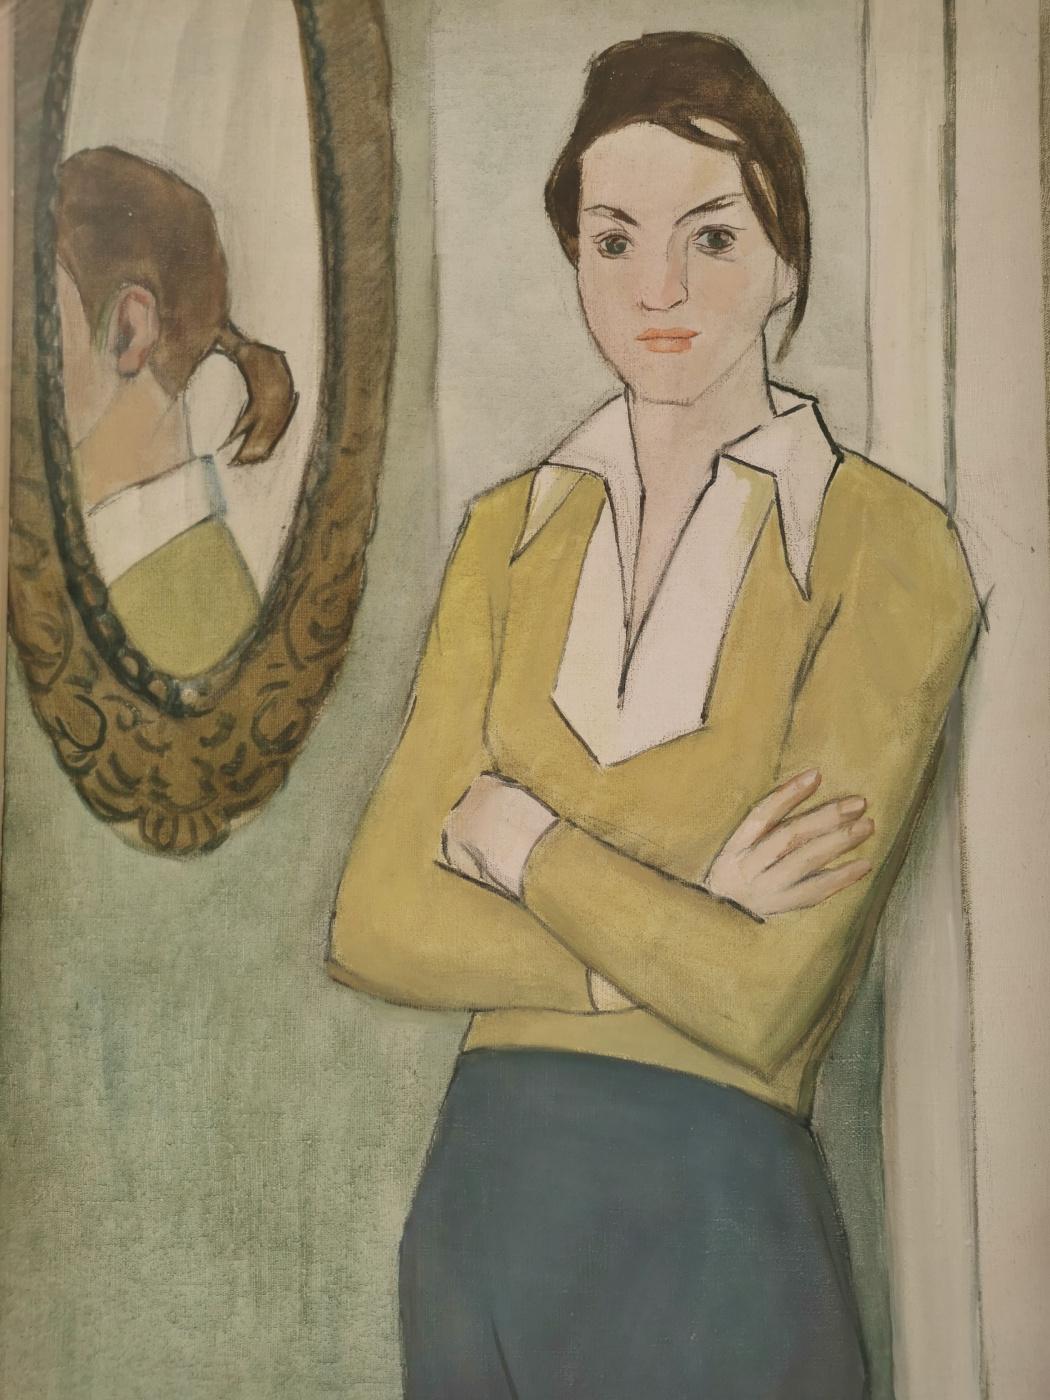 M. Thieme. Girl at the mirror